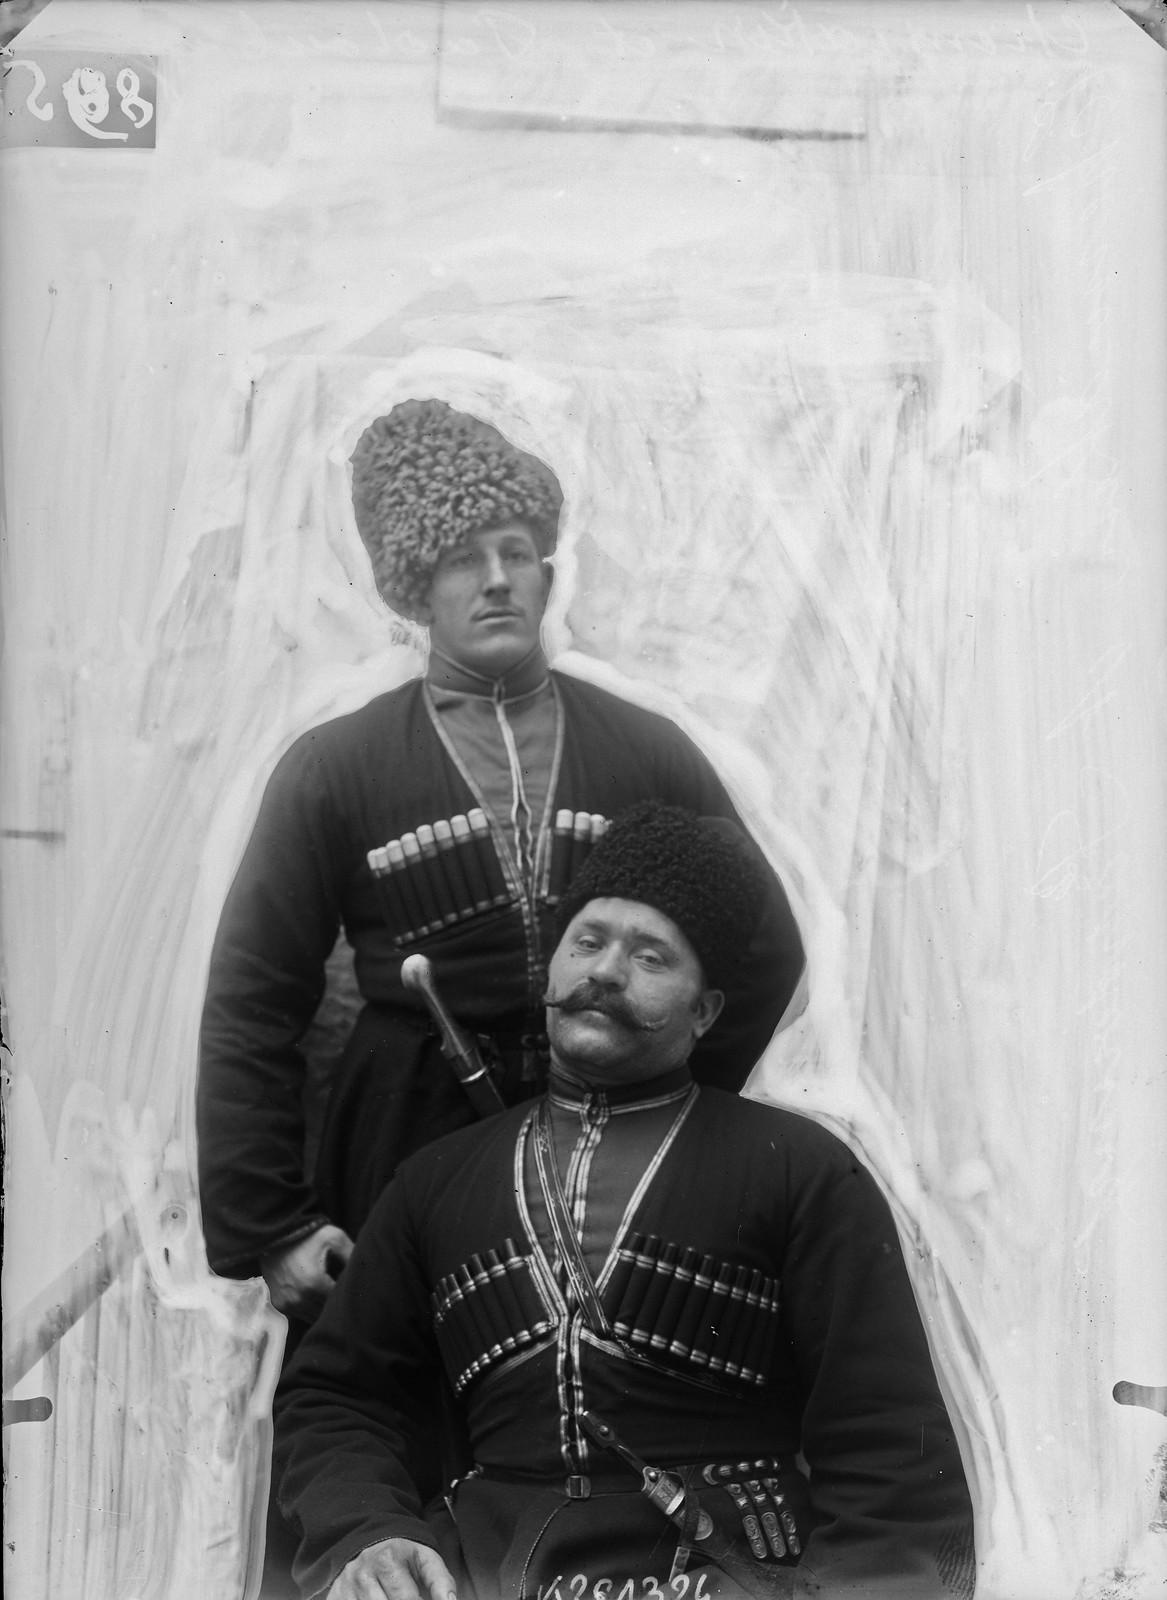 1905. Иван Васильевич Шемякин и Иван Максимович Поддубный